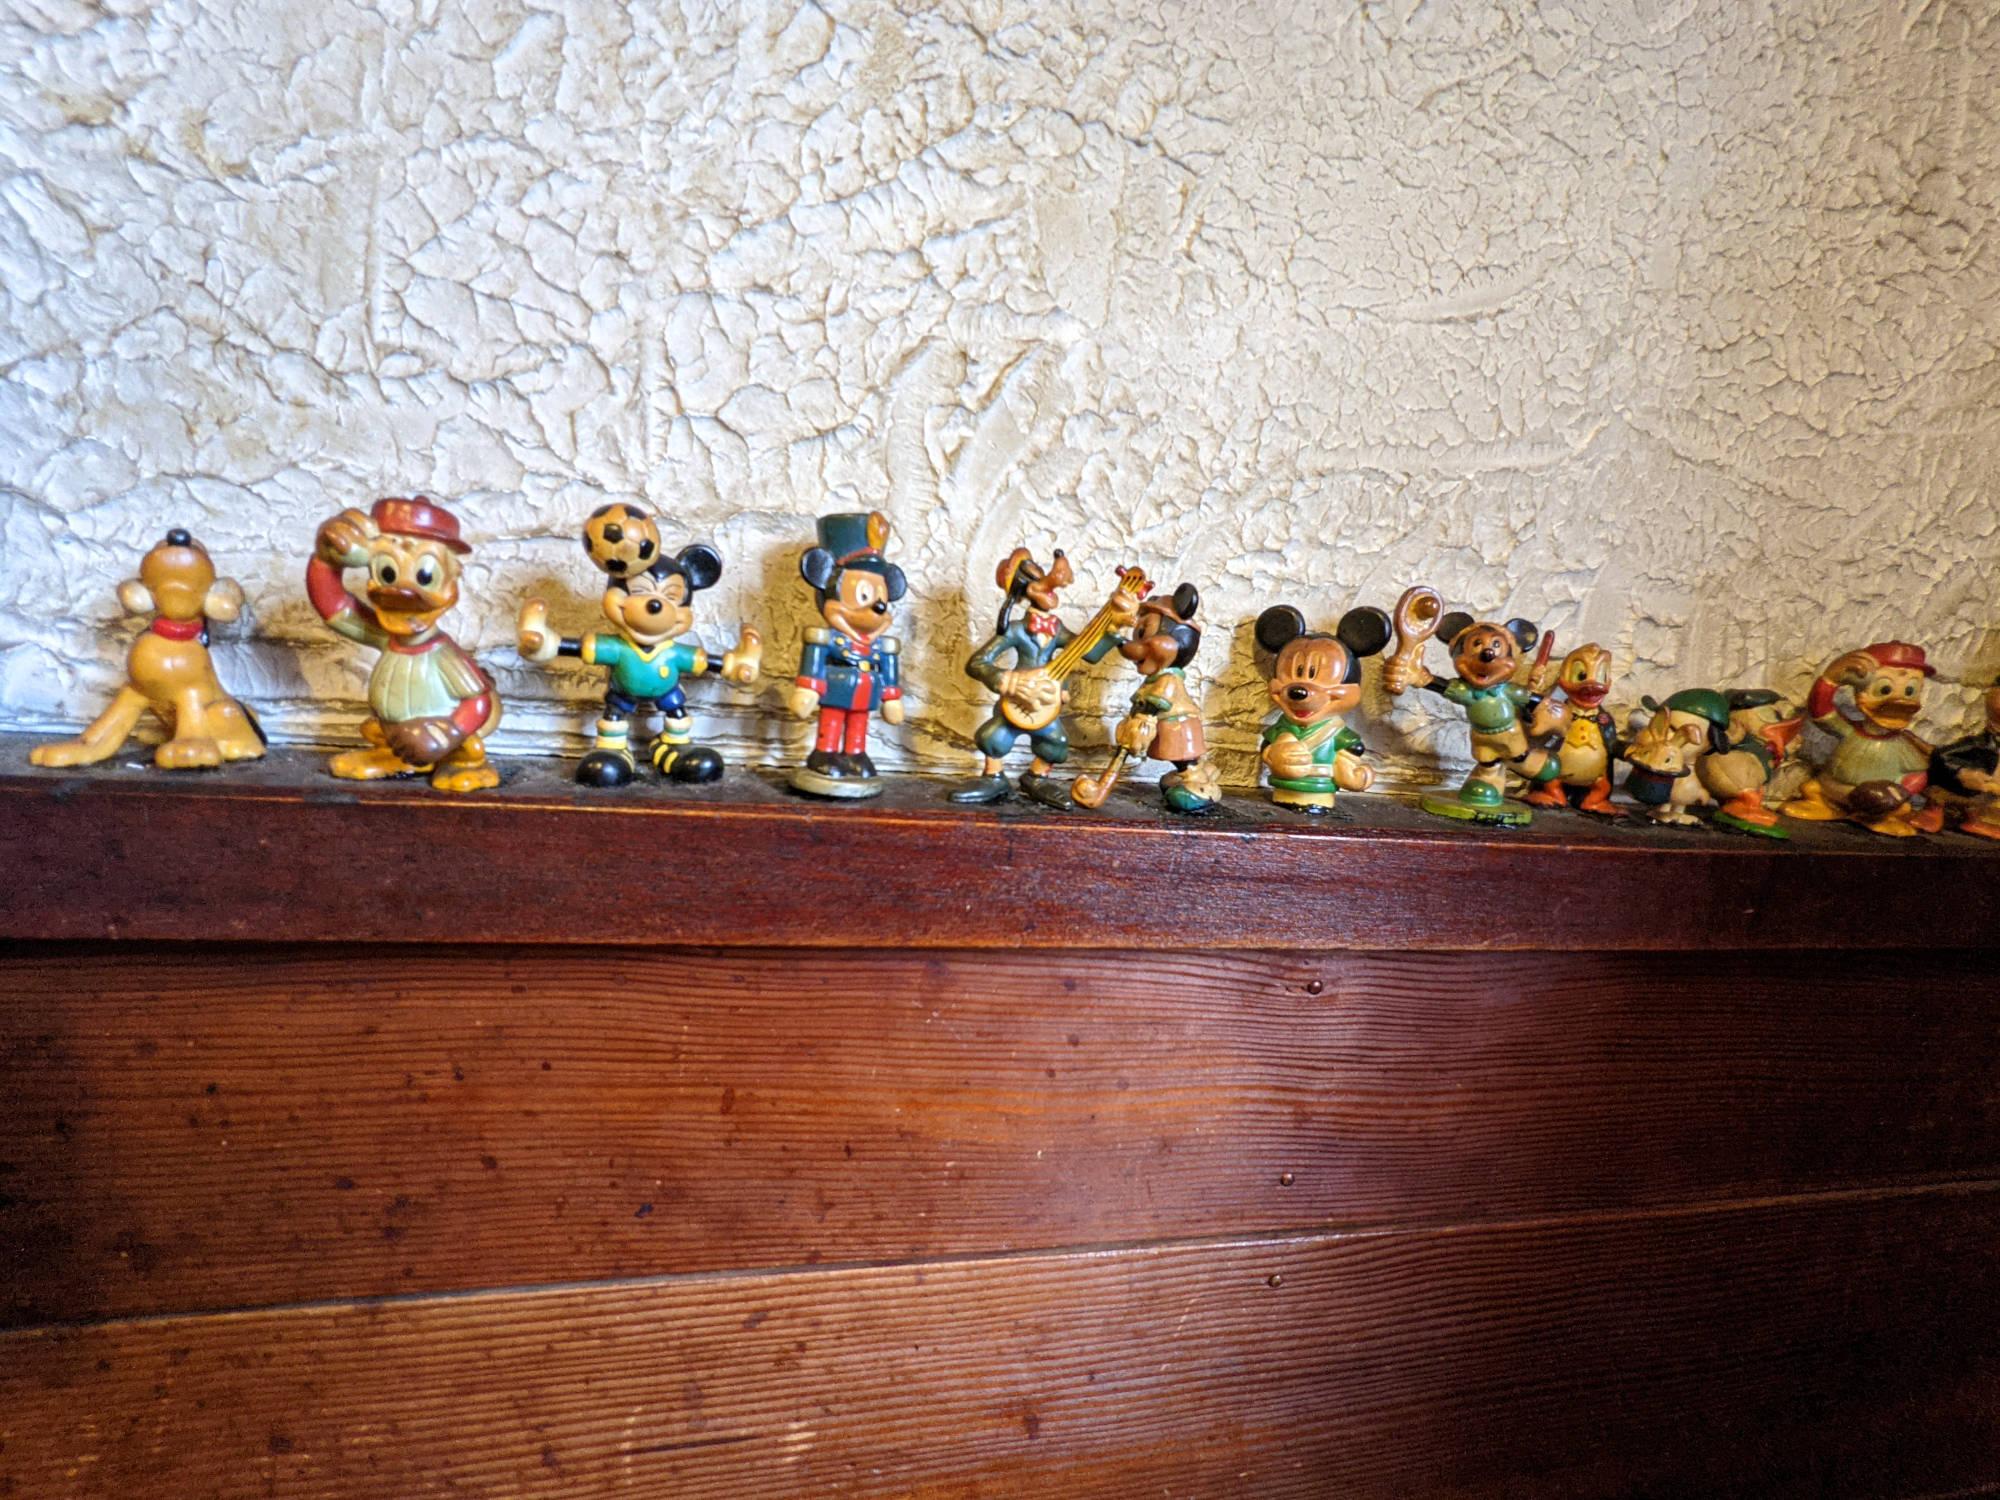 「M2」壁に飾られた人形